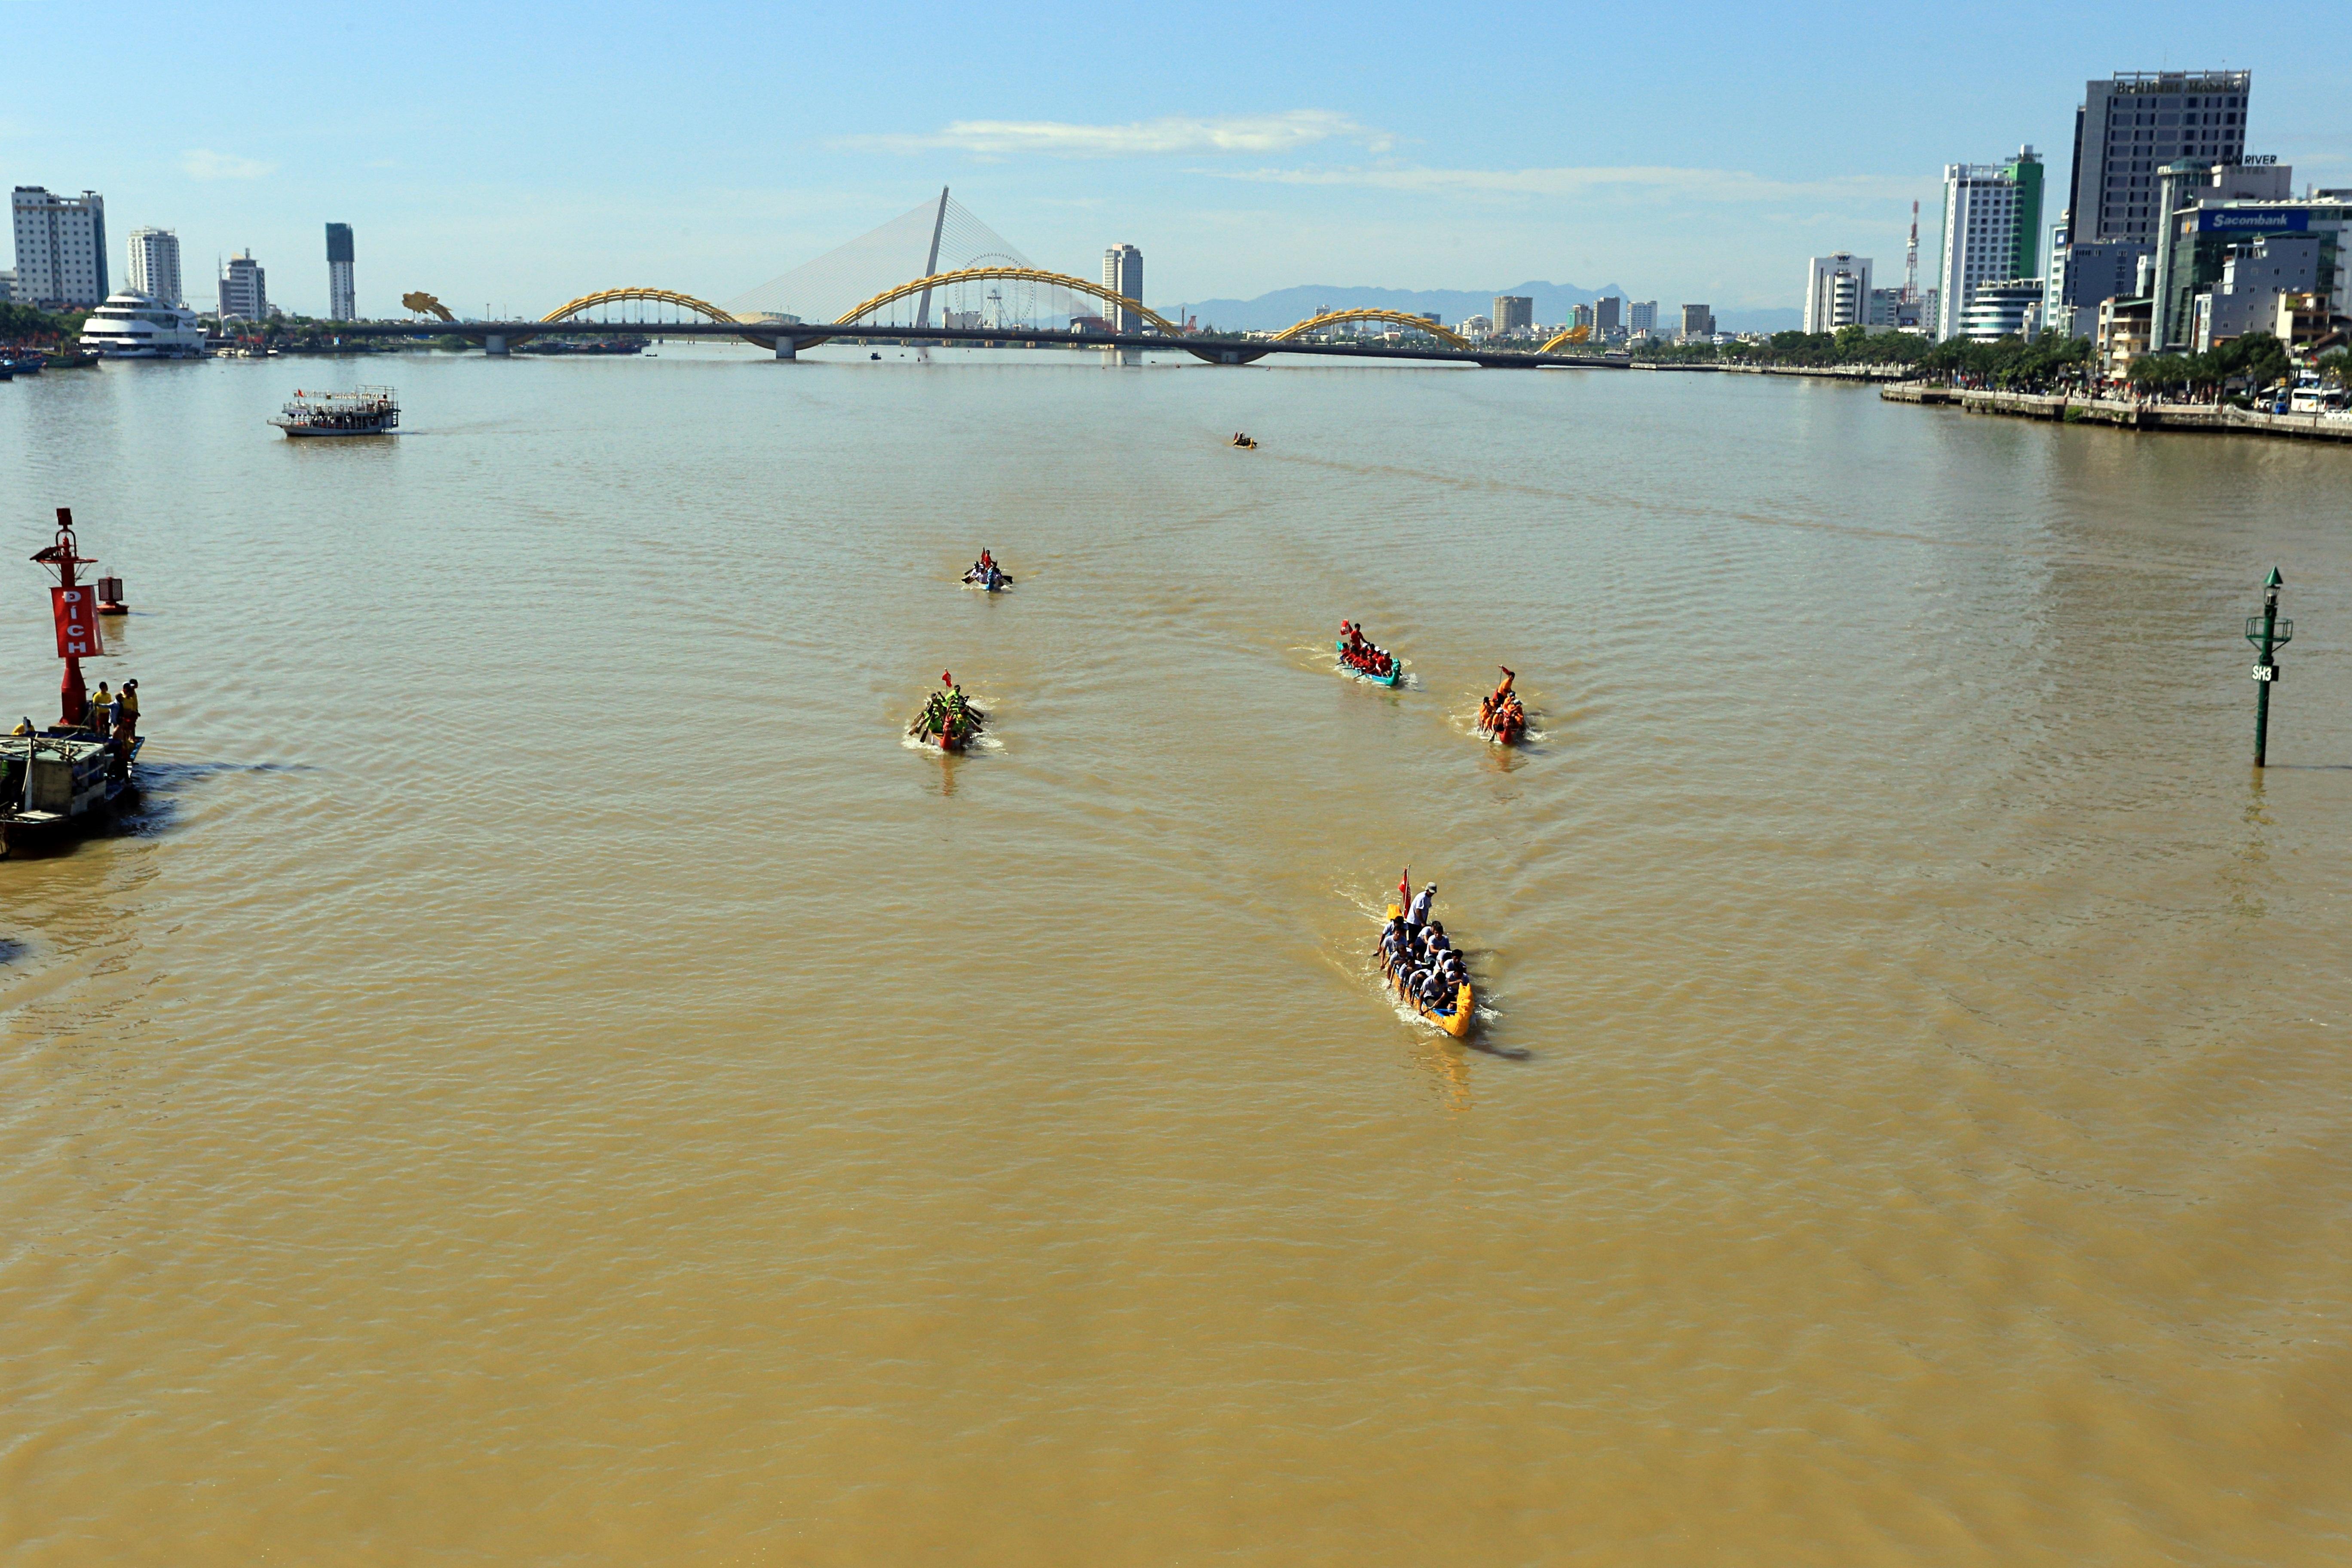 Hàng nghìn người Đà Nẵng đội nắng đổ ra sông Hàn xem đua thuyền ngày 2/9 - Ảnh 1.